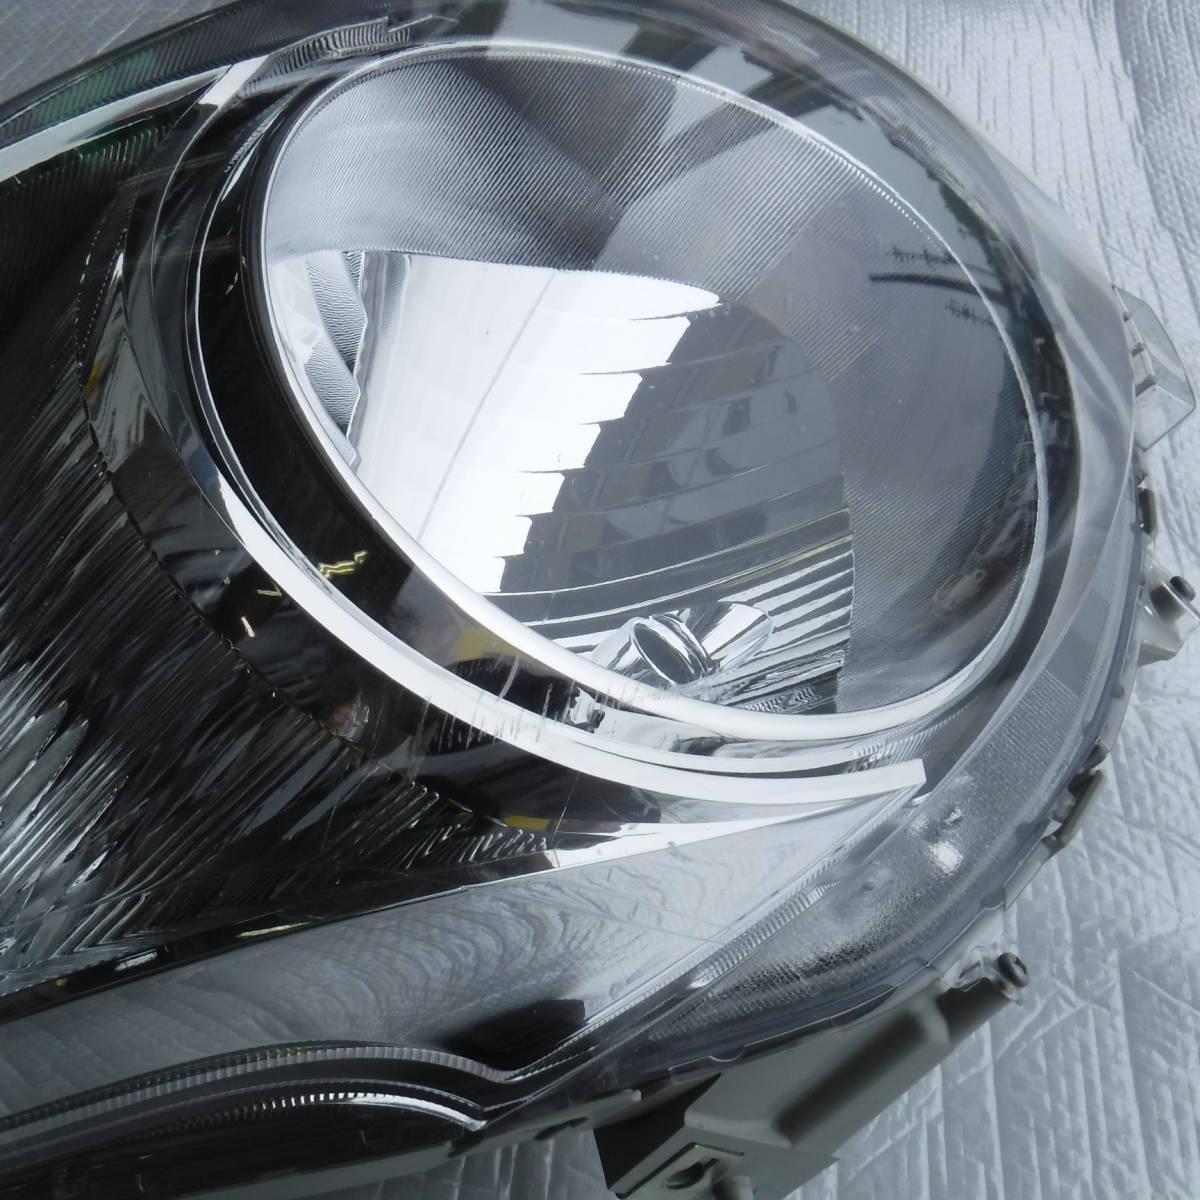 アルトHA25S右ヘッドライトHA25VヘッドランプHA35SアルトエコHB25Sキャロル運転席ライトSTANLEY P8737純正ランプ_画像4